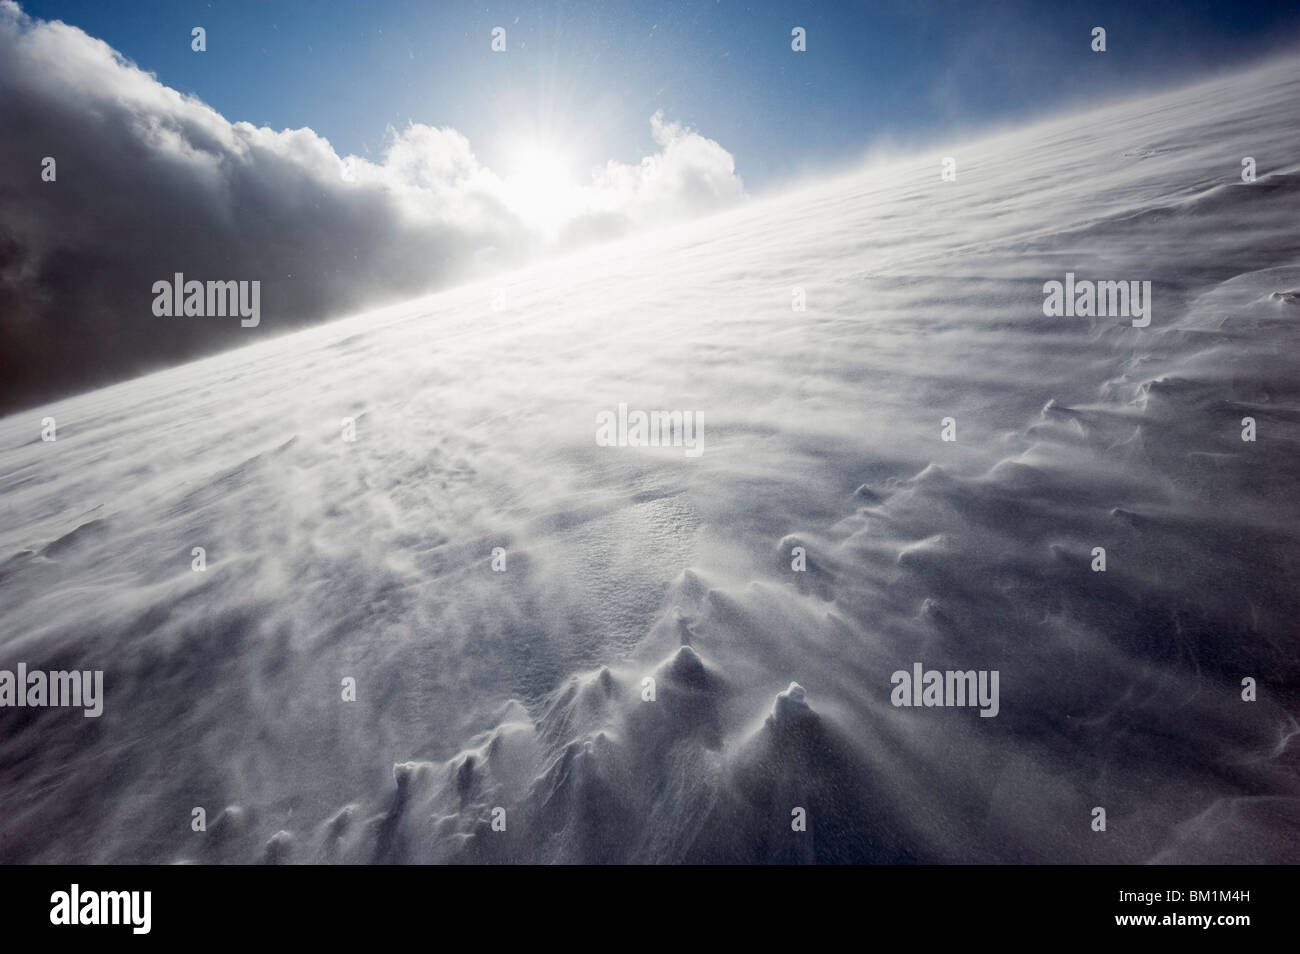 Vento che soffia su strade coperte di neve sul Monte Fuji, Prefettura di Shizuoka, Giappone, Asia Immagini Stock